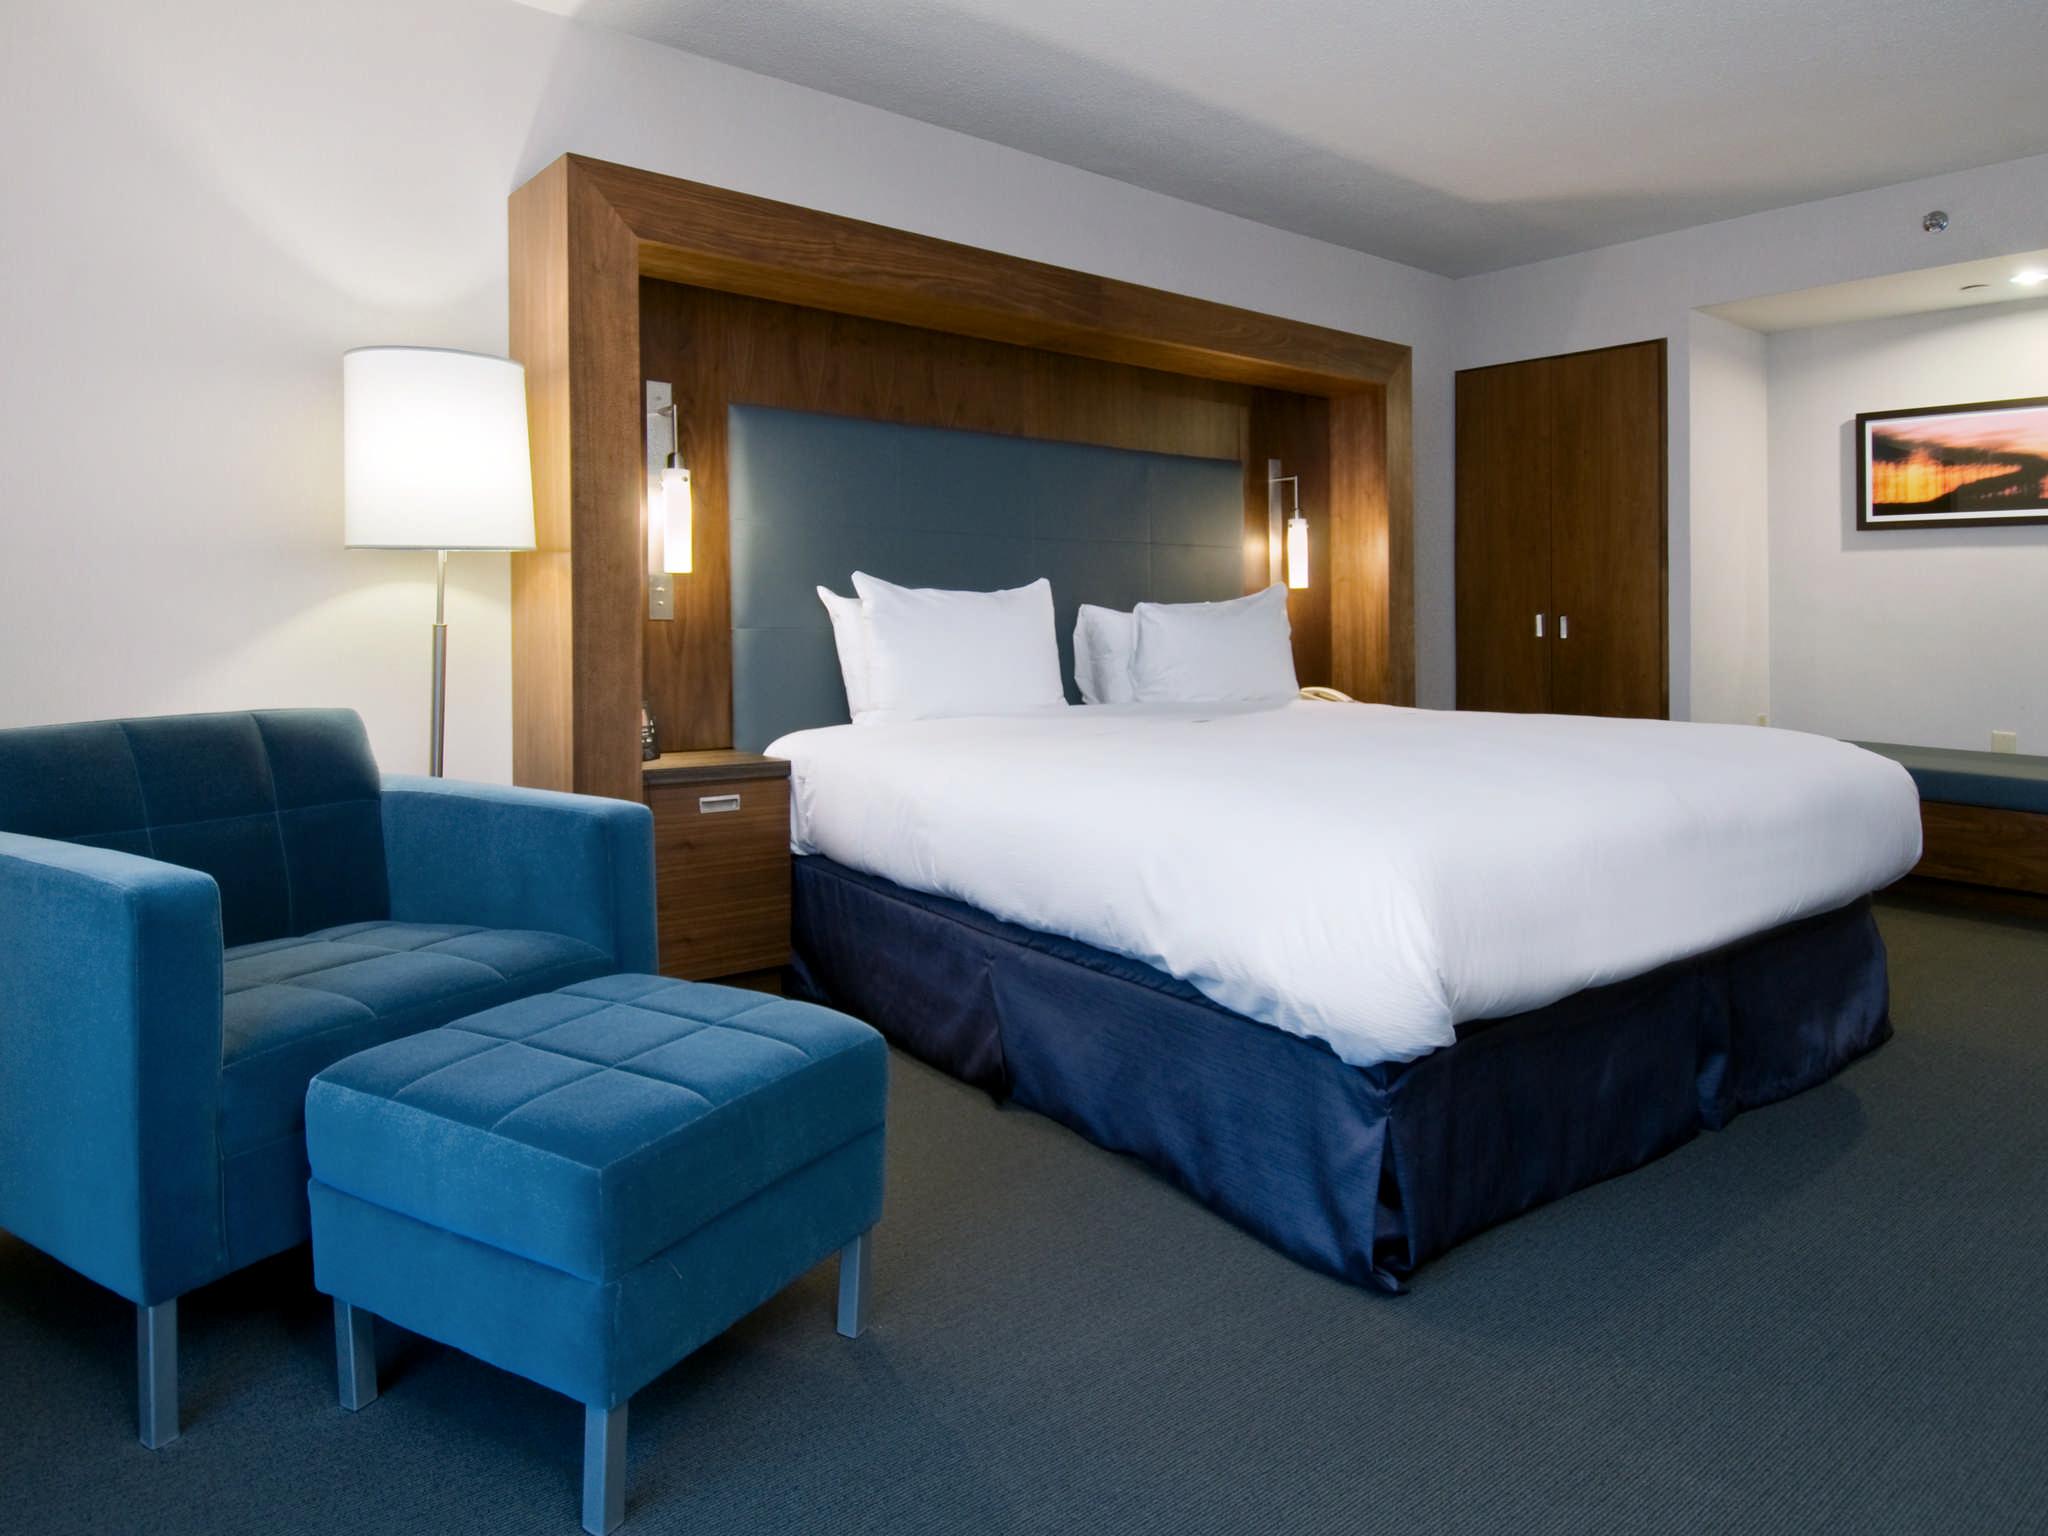 Hilton Toronto Airport Hotel & Suites H´tel aéroport de Toronto